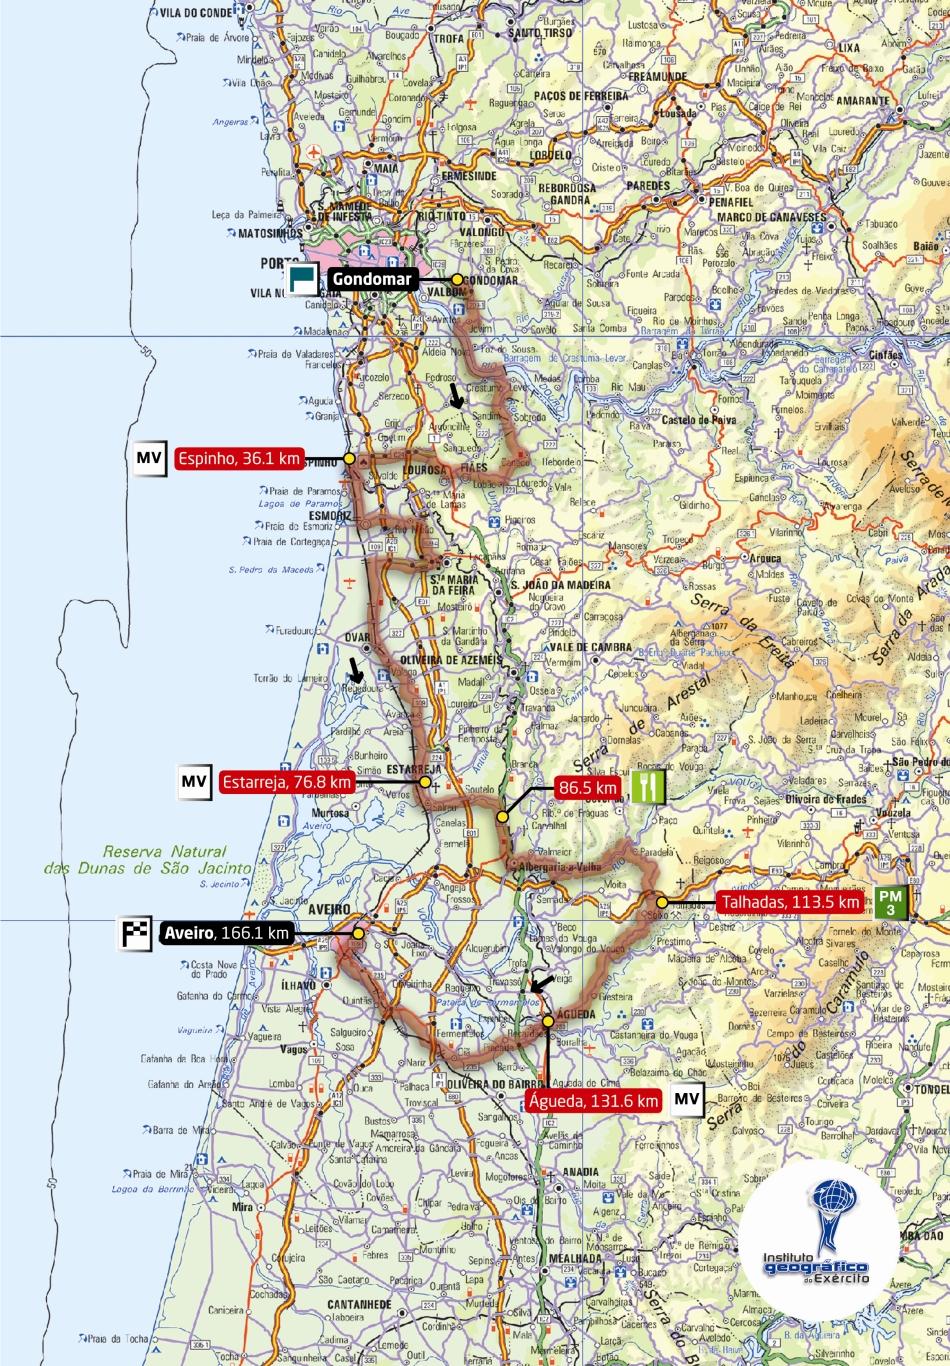 Streckenverlauf Volta a Portugal em Bicicleta 2009 - Etappe 8